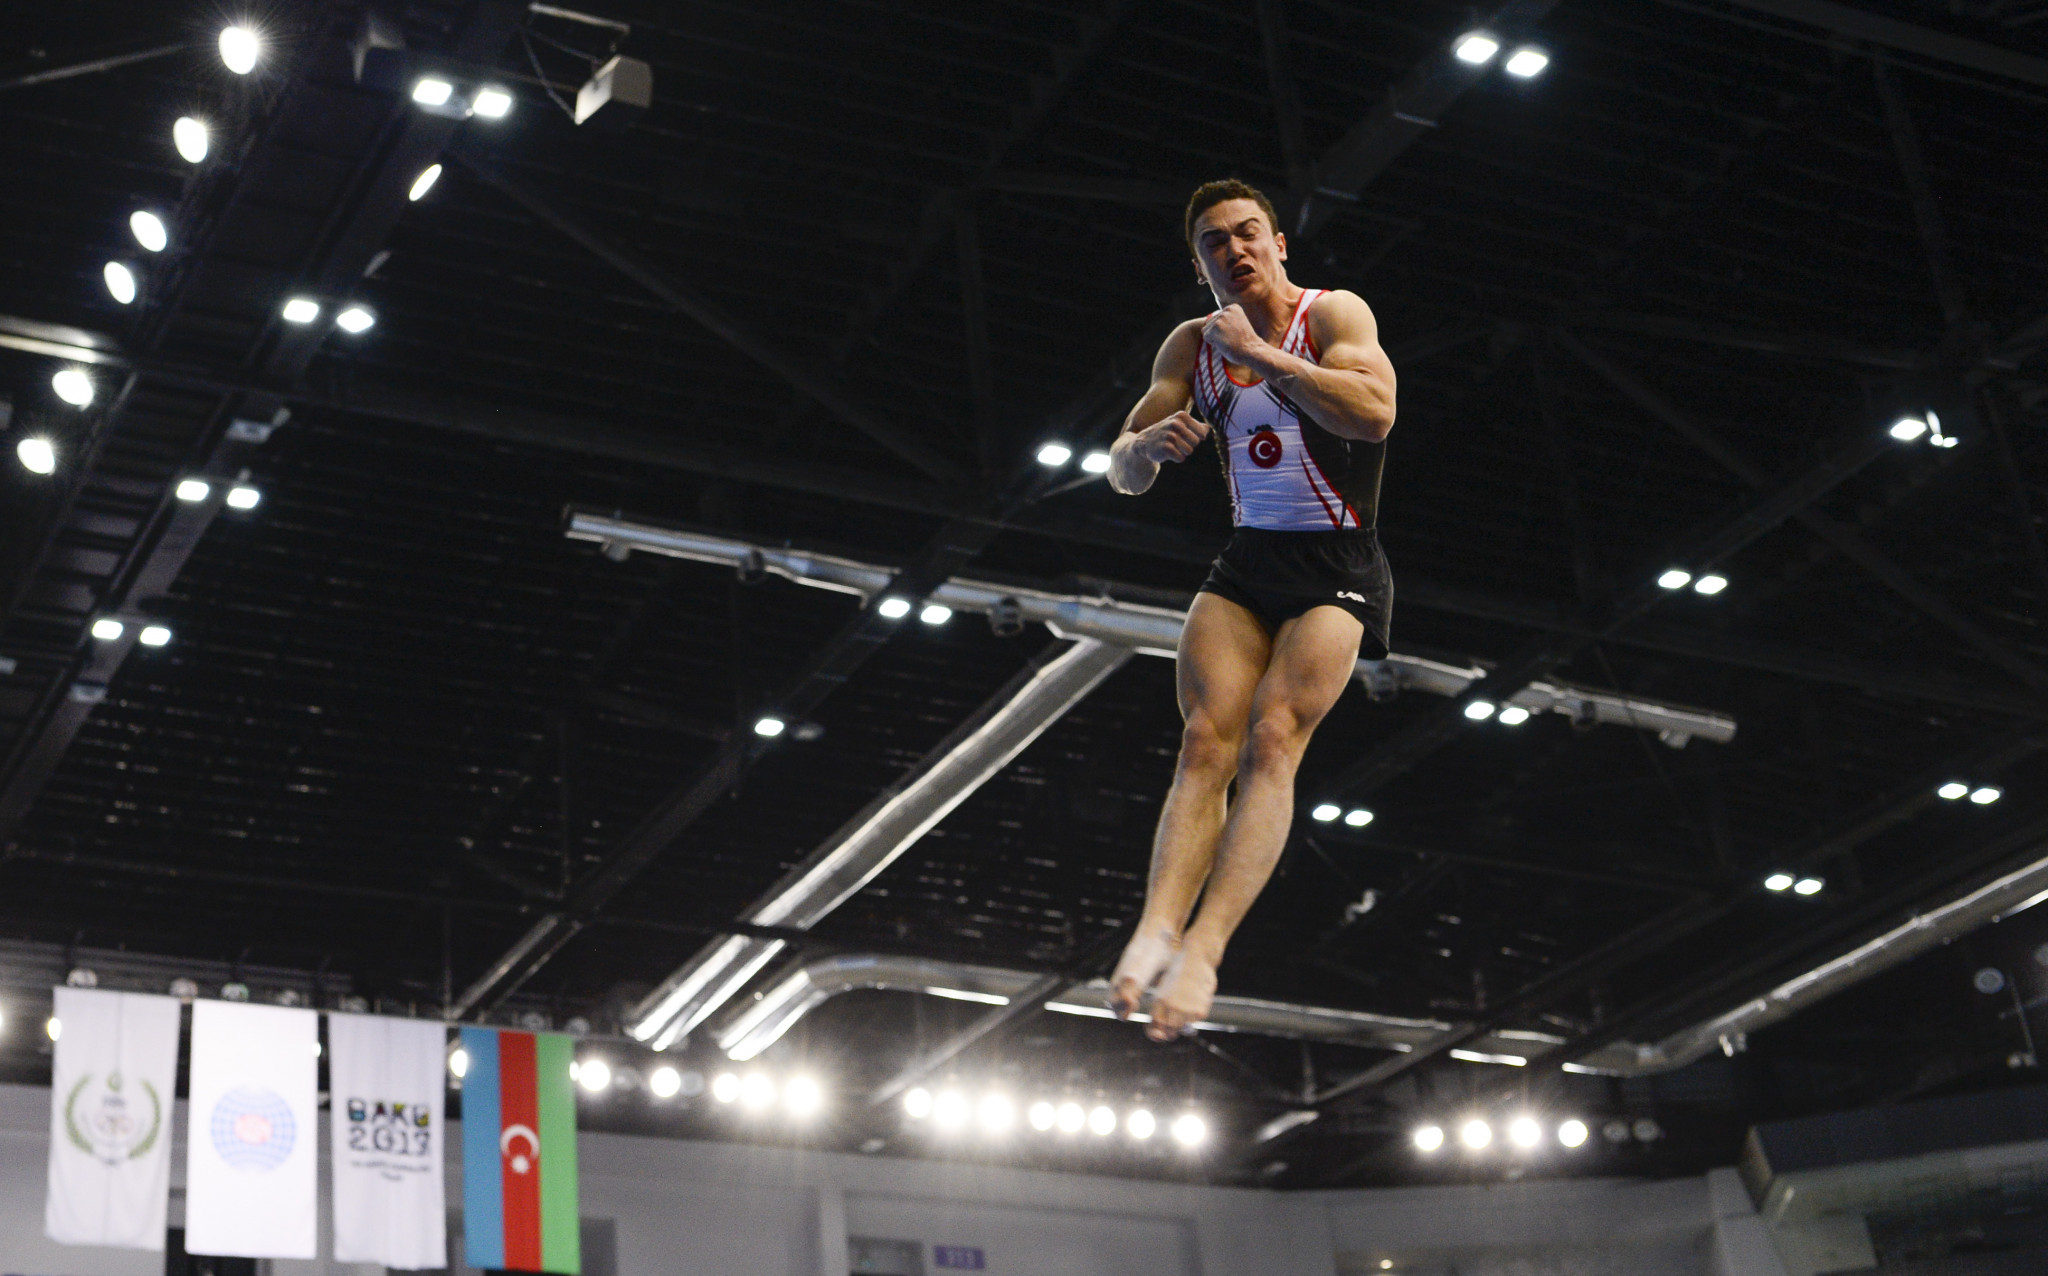 Turkish gymnast Ahmet Önder qualified top in the men's floor event ©Getty Images